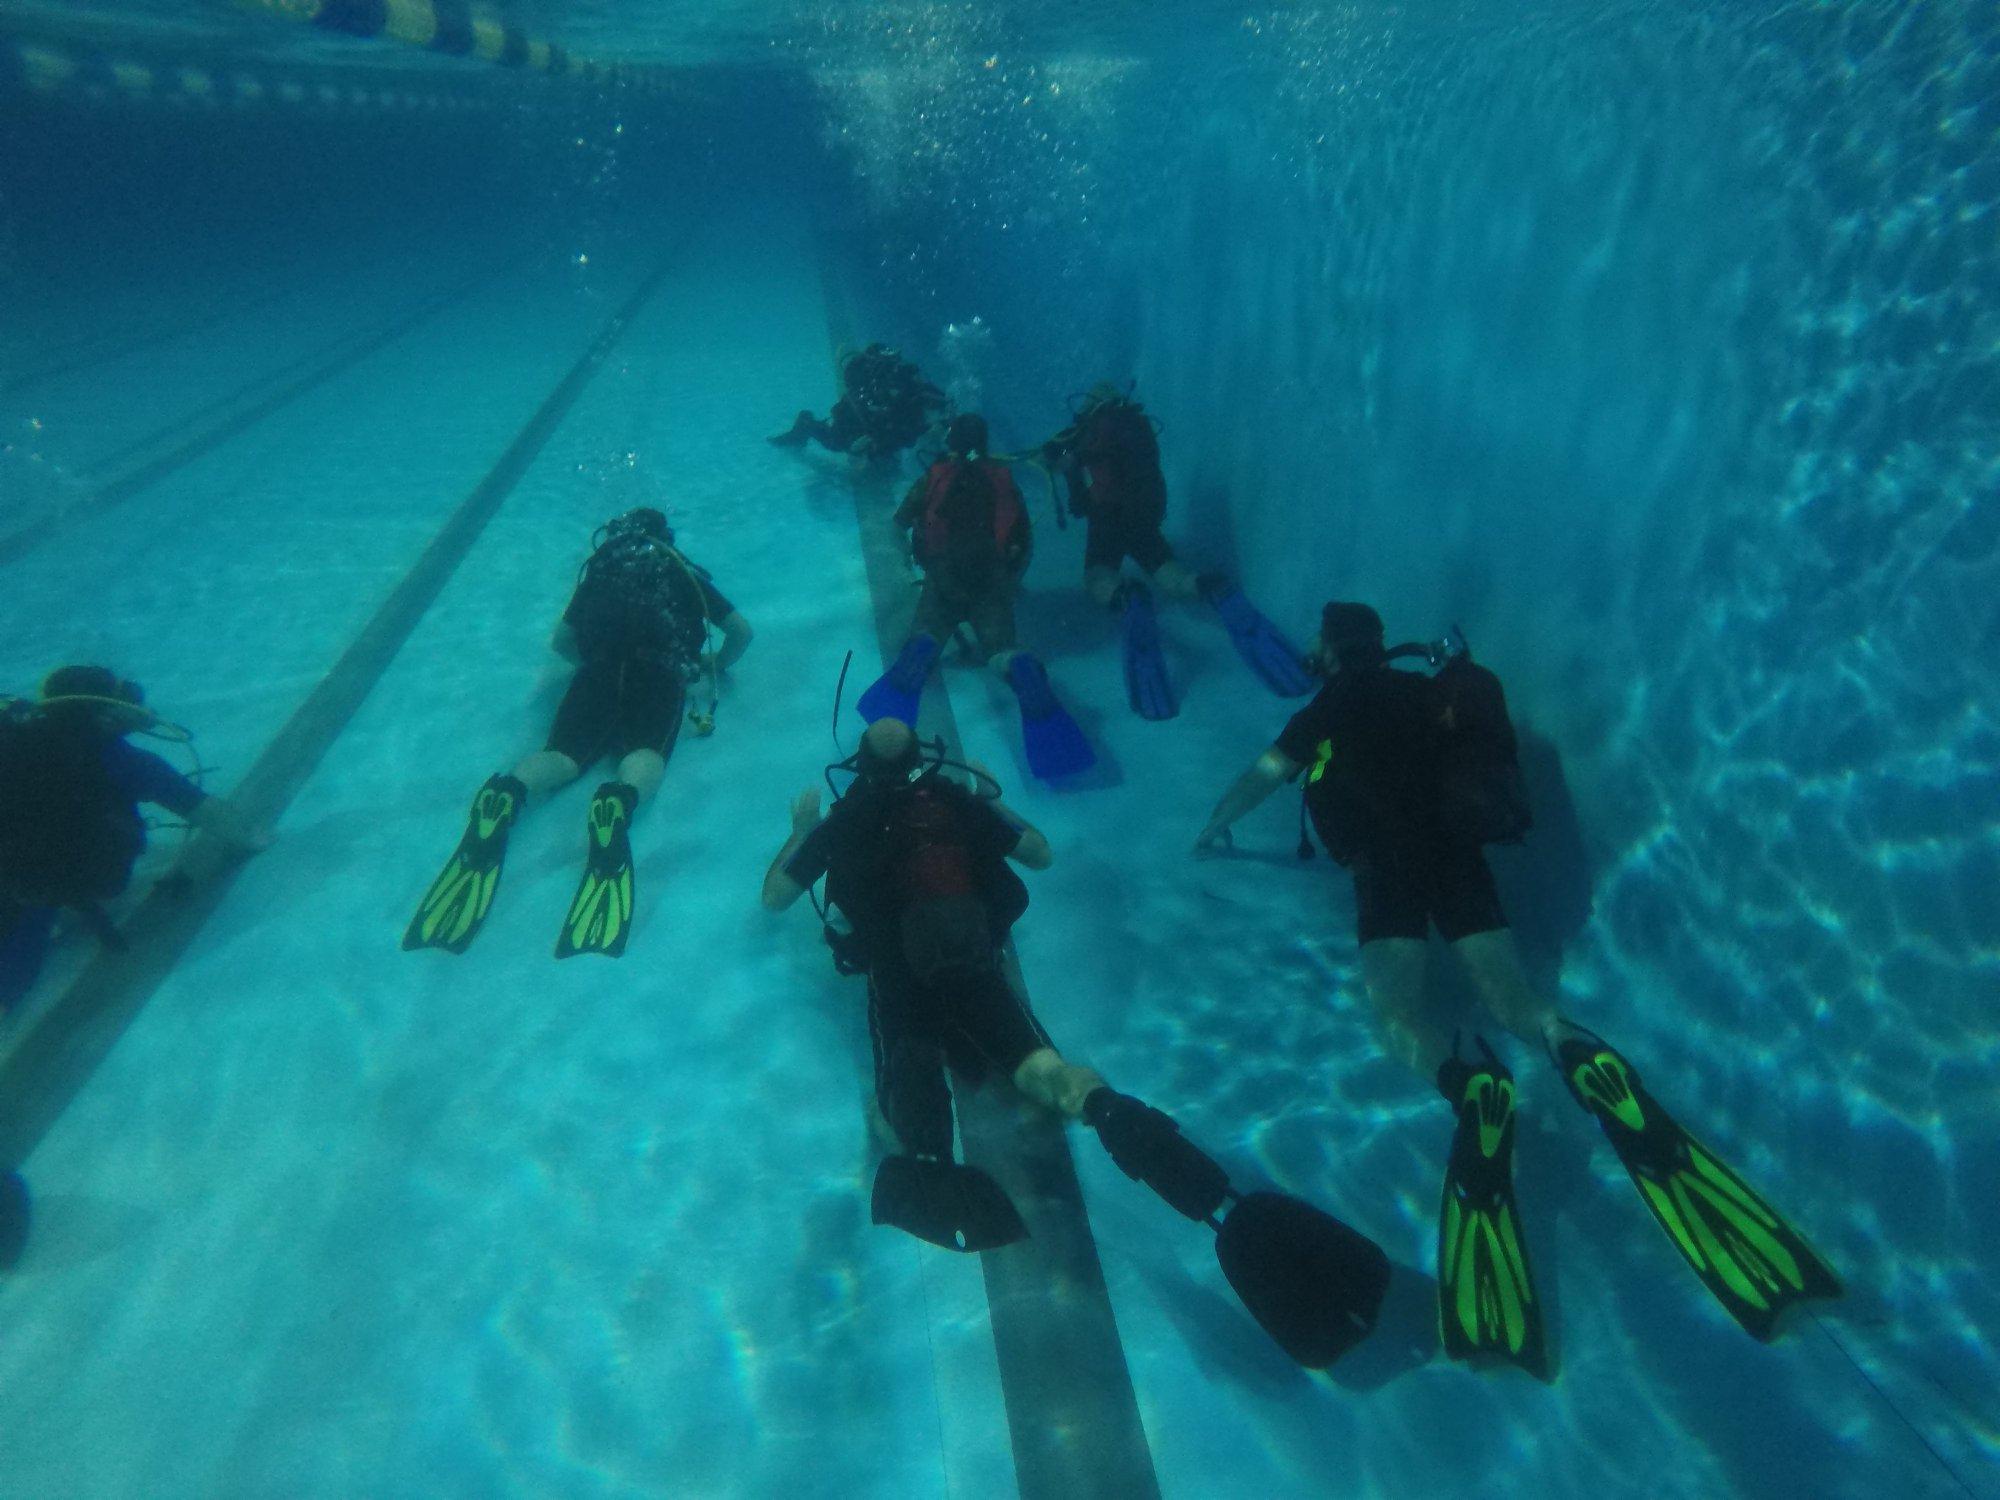 μαθήματα κατάδυσης για αρχαρίους σε πισίνα